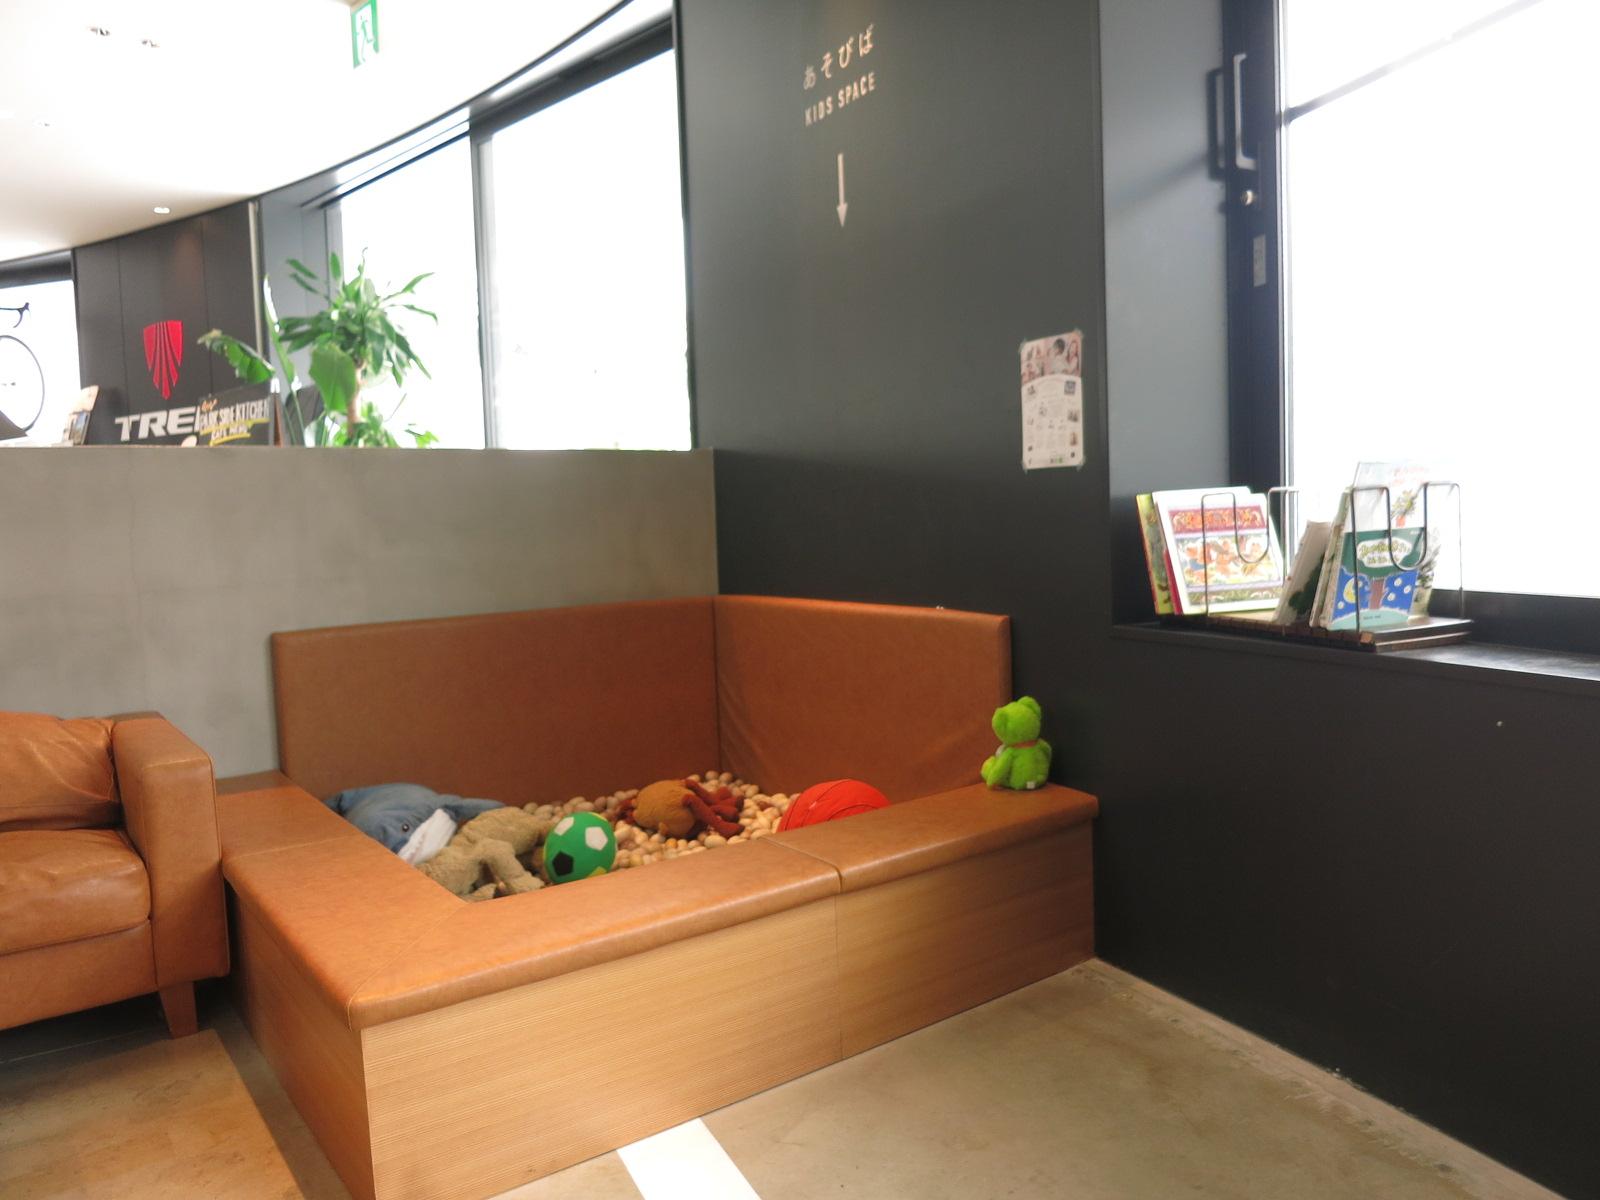 カフェ内には小さな子どもの遊べるスペースもありました。